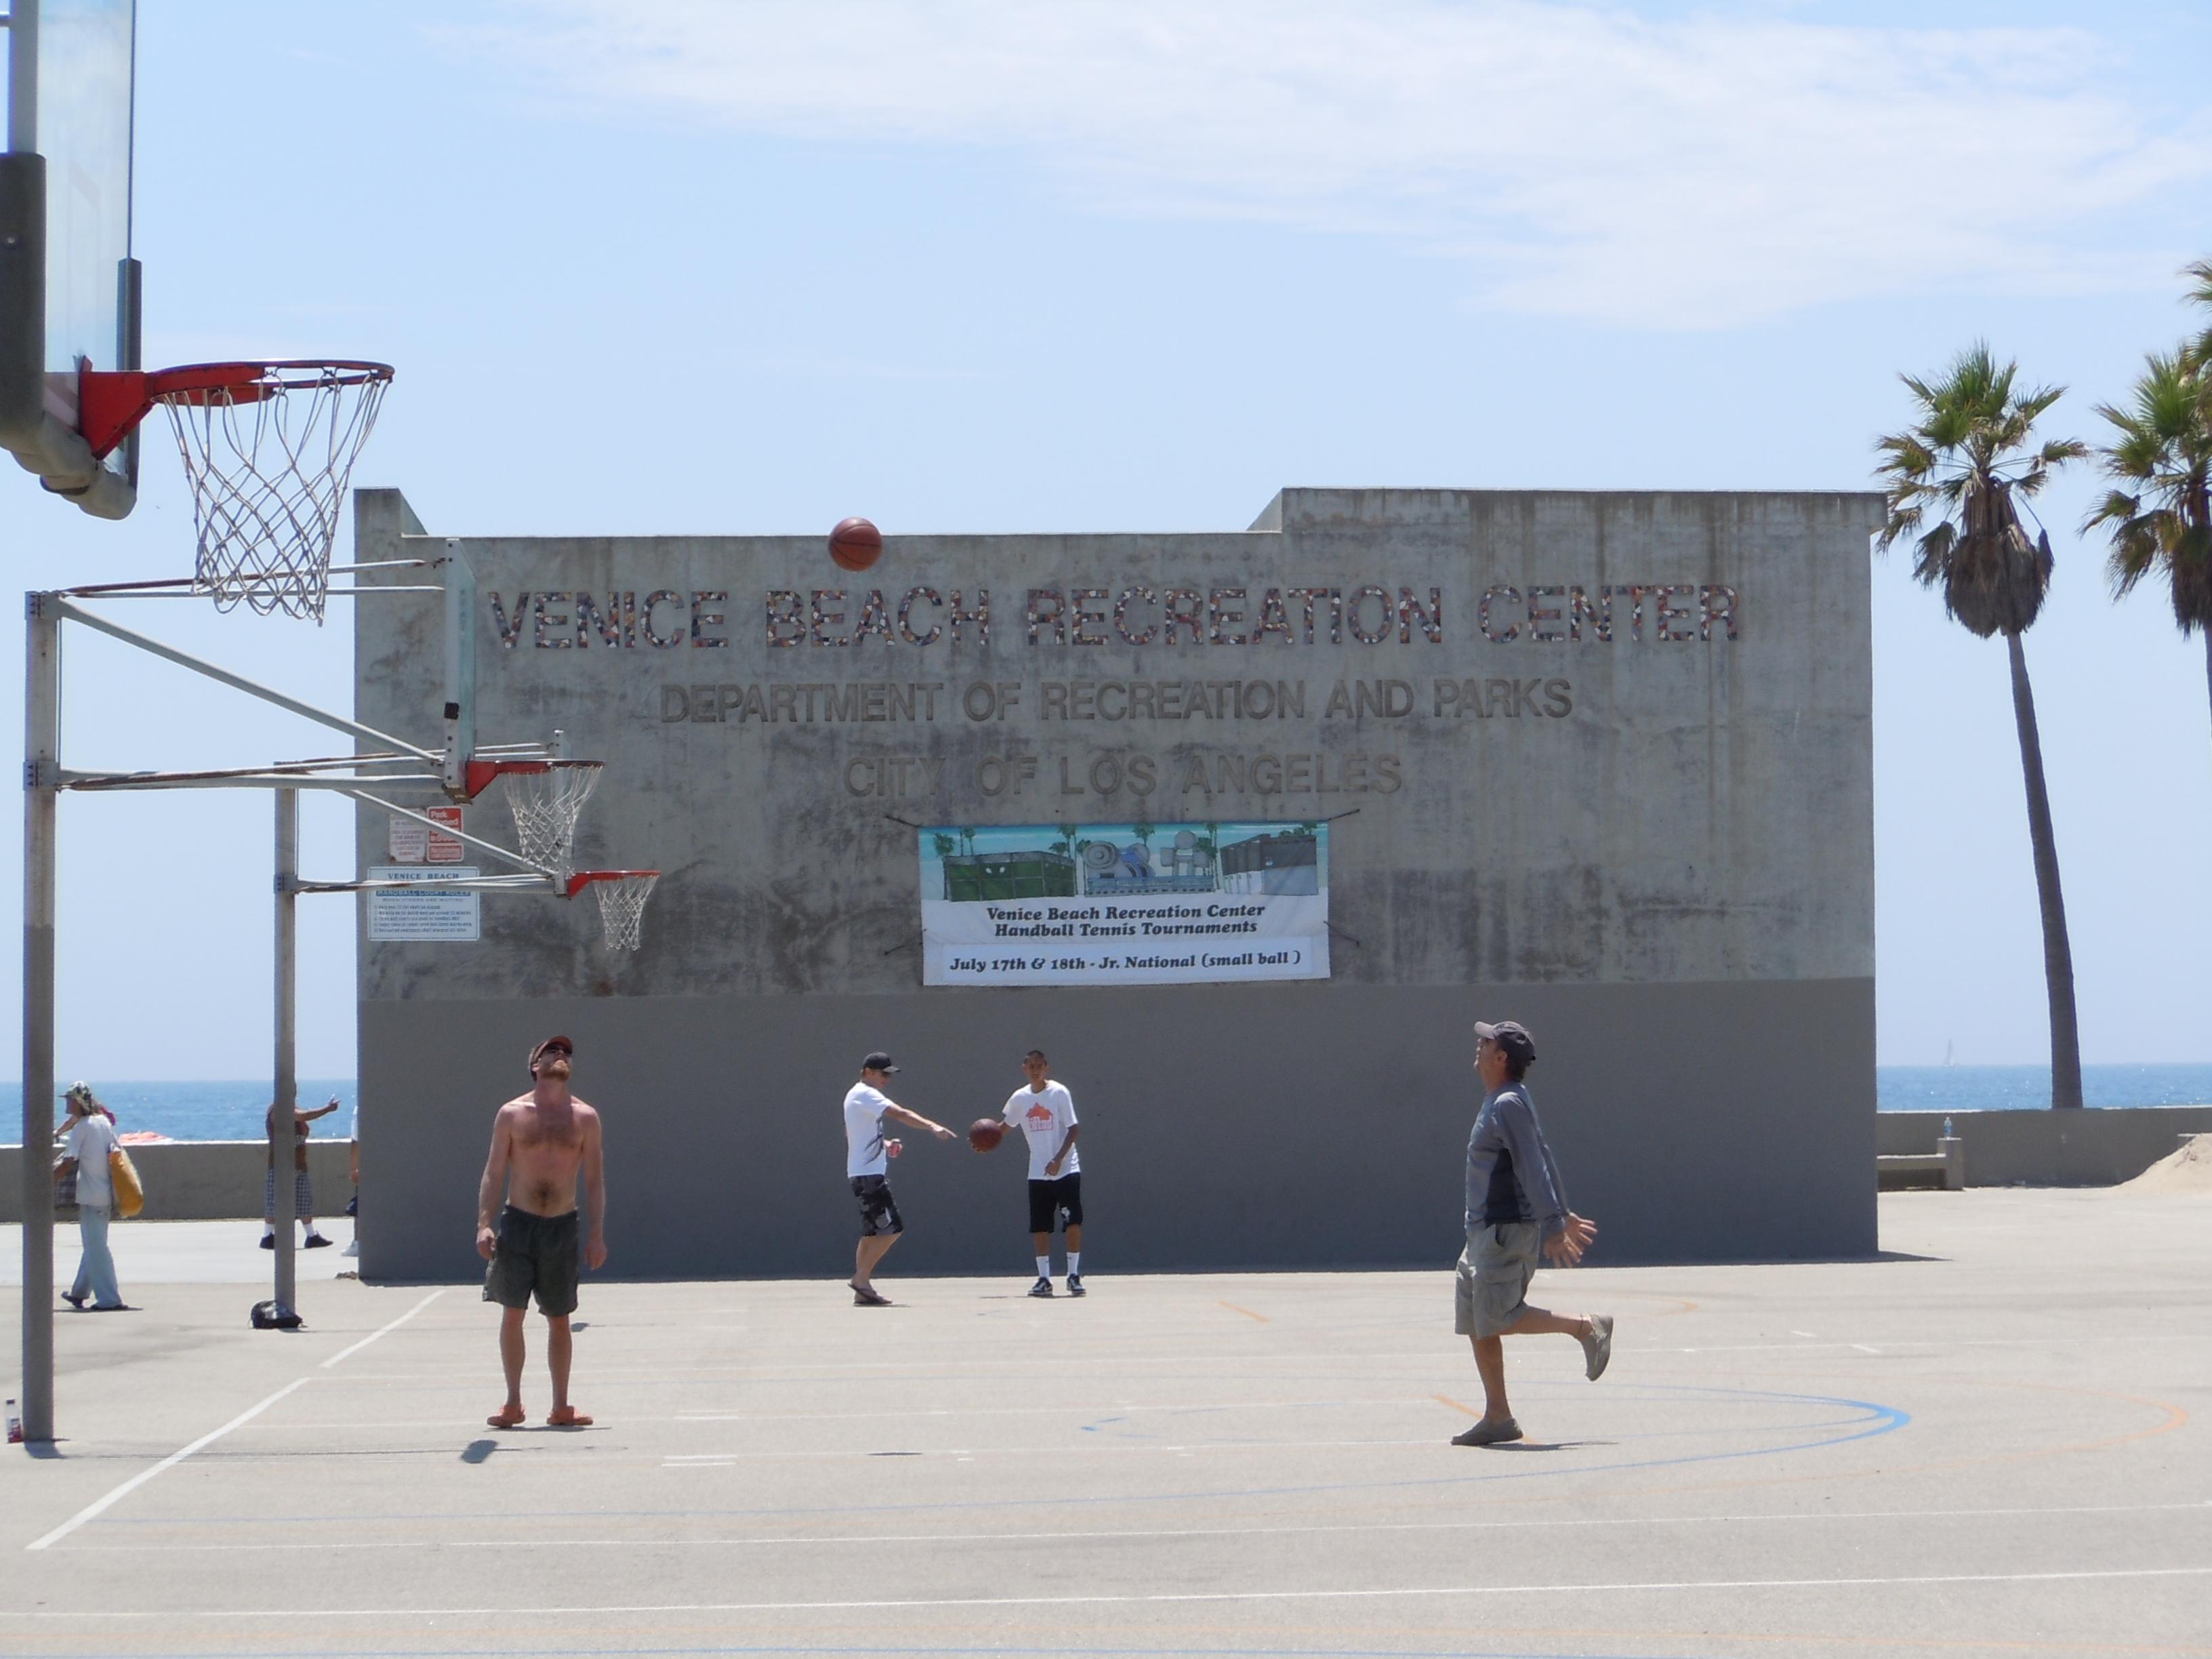 Description venice beach recreation center